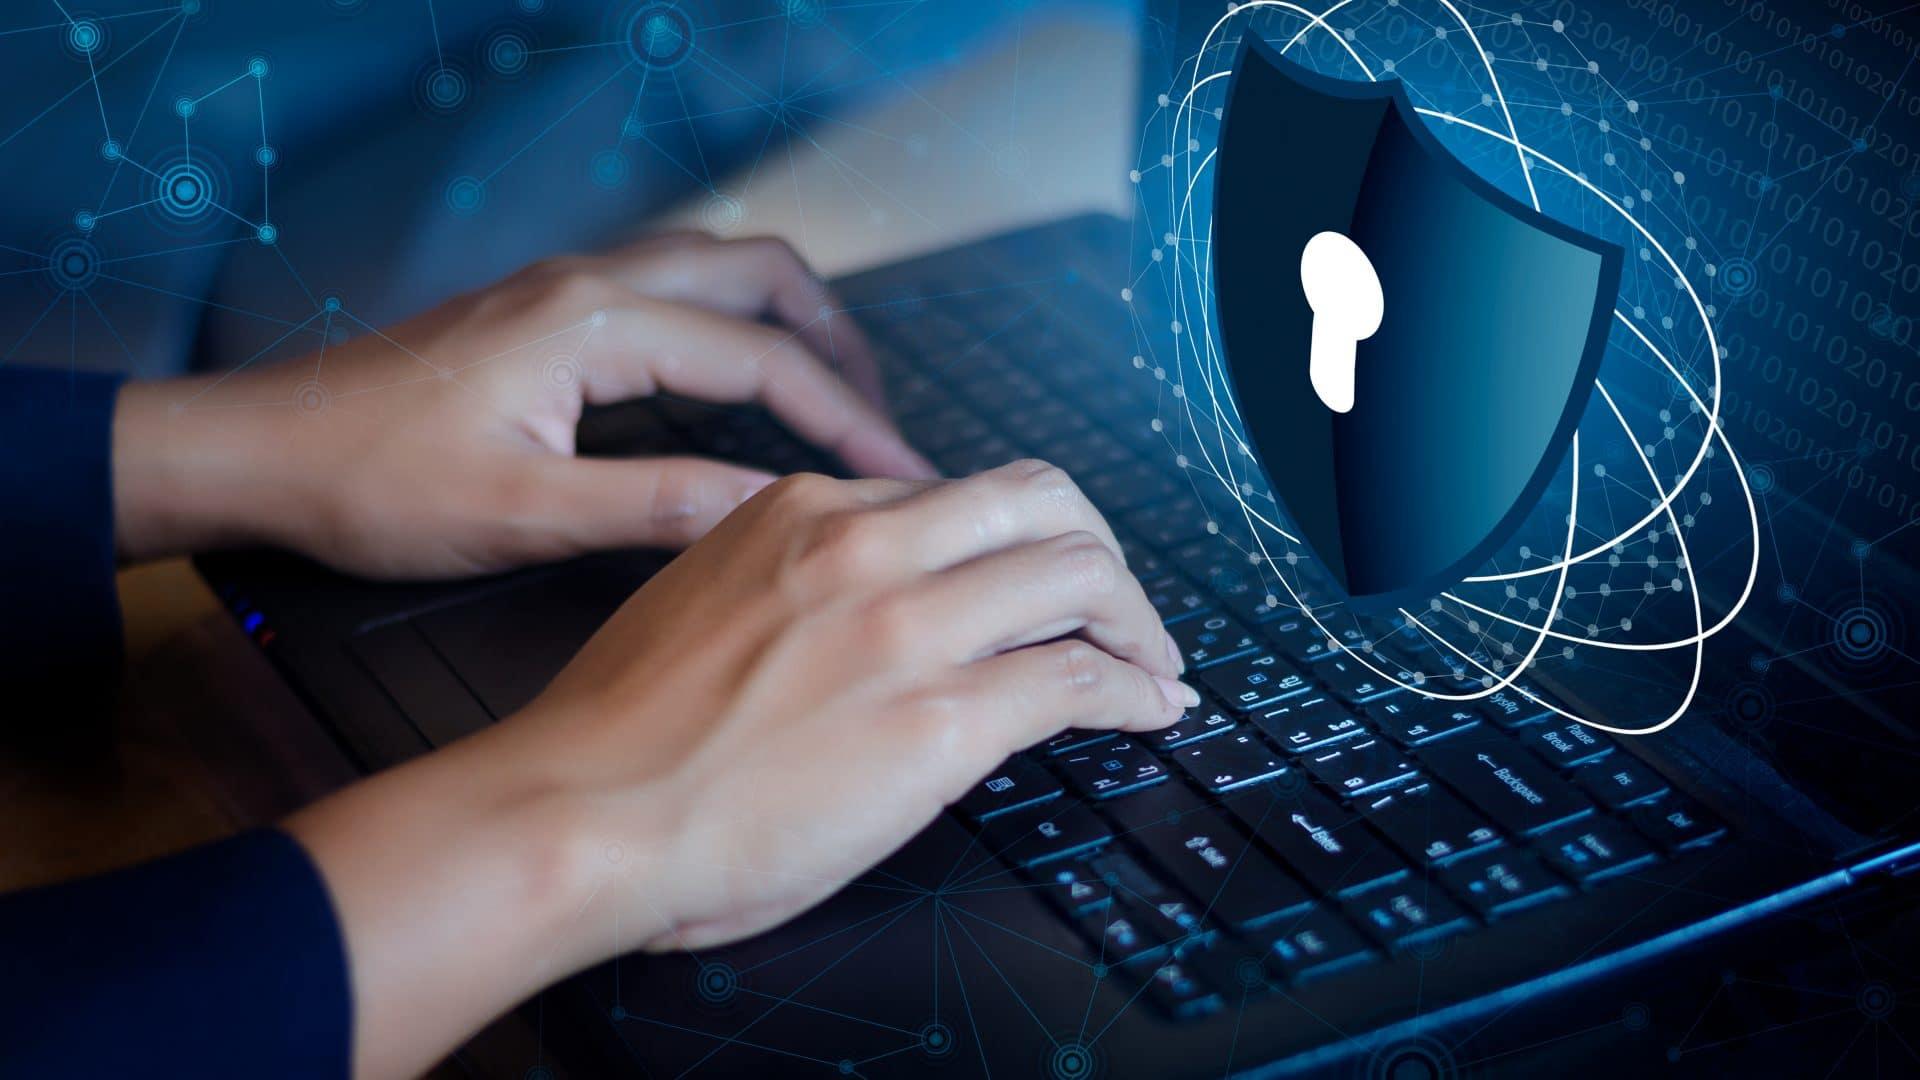 LGPD: Governo terá plataforma de consentimento e monitoramento do uso de dados